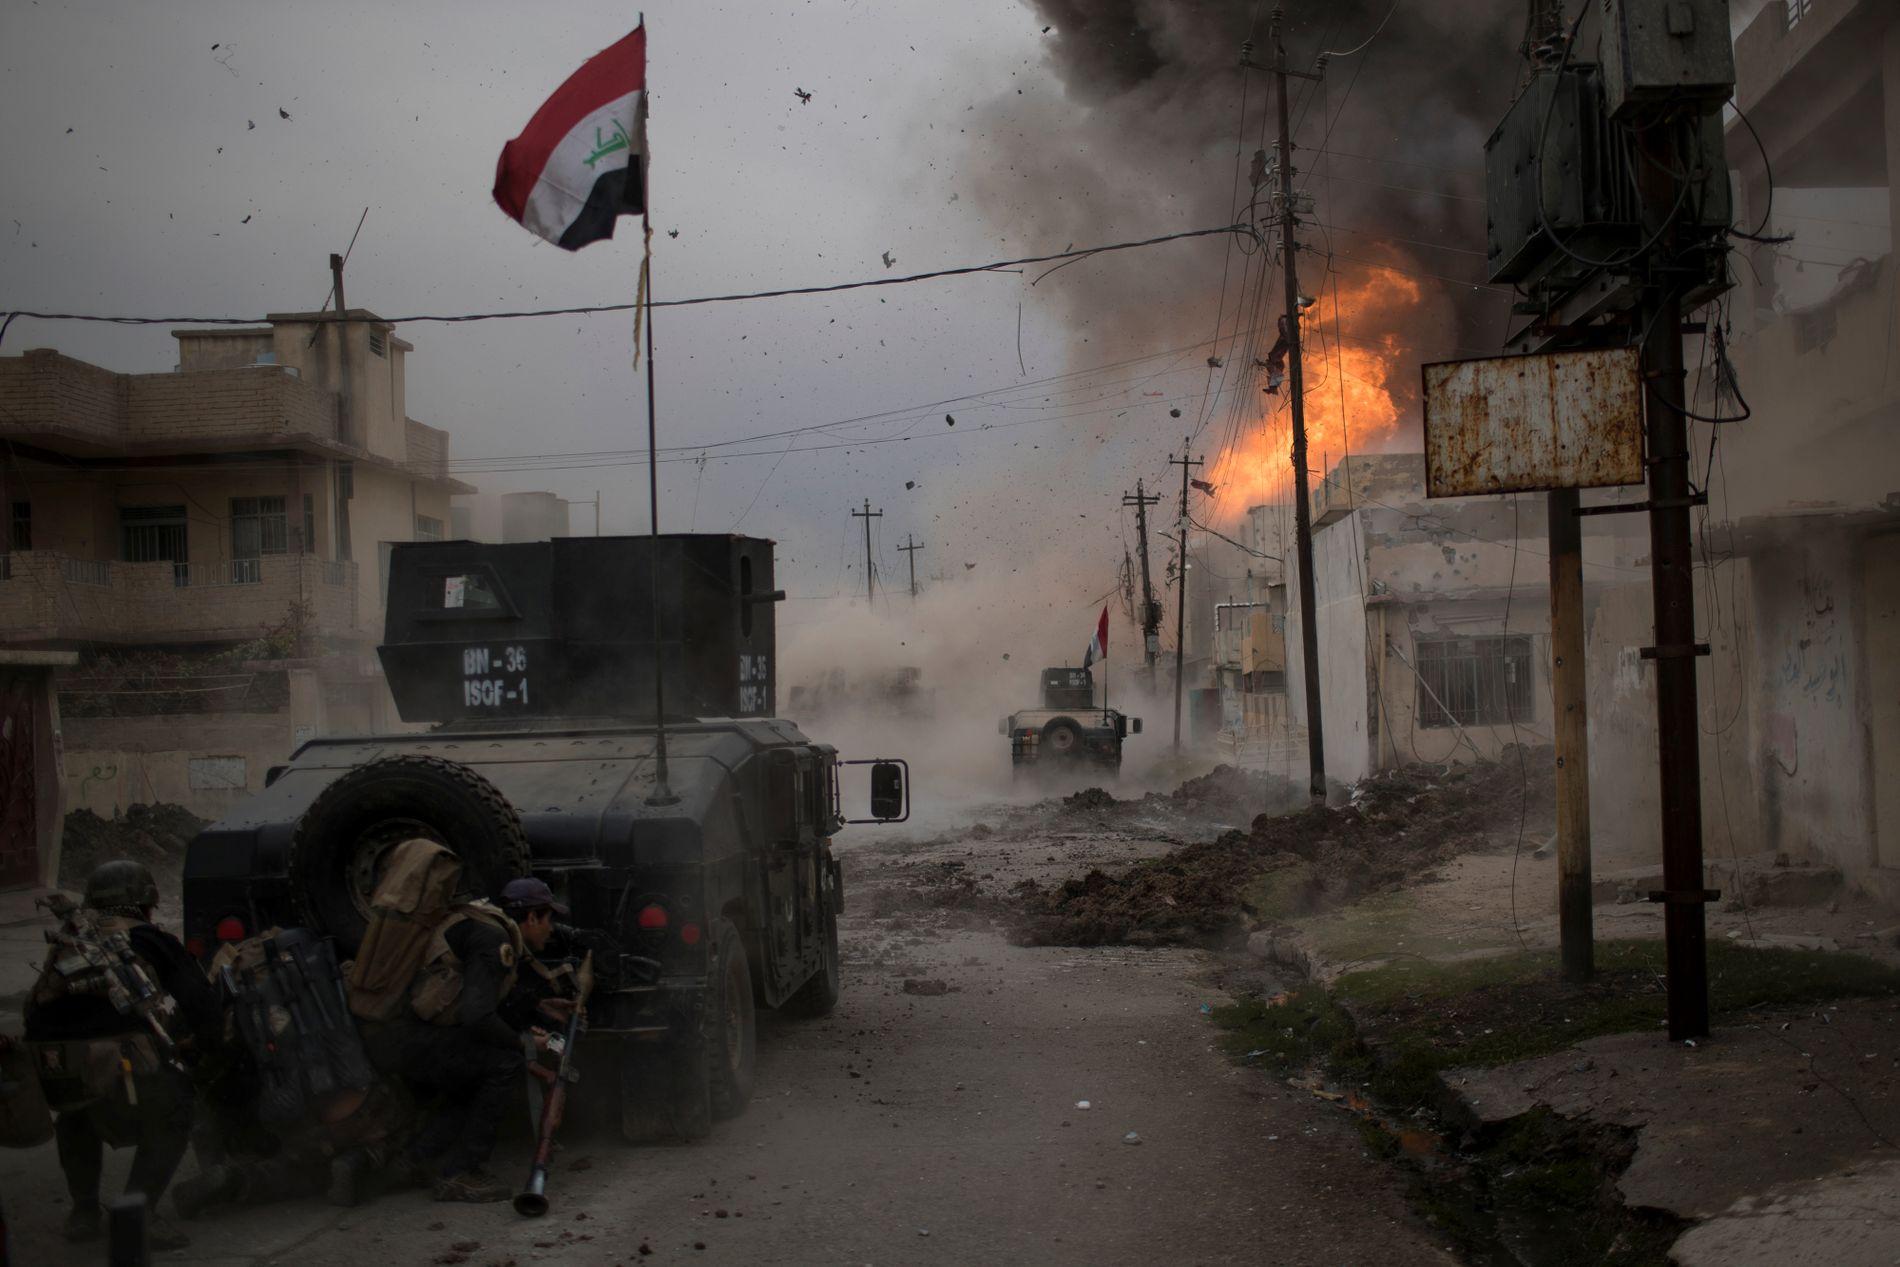 HARDE KAMPER: En bilbombe fra IS eksploderer i nærheten av irakiske spesialstyrker i Øst-Mosul, november 2016.